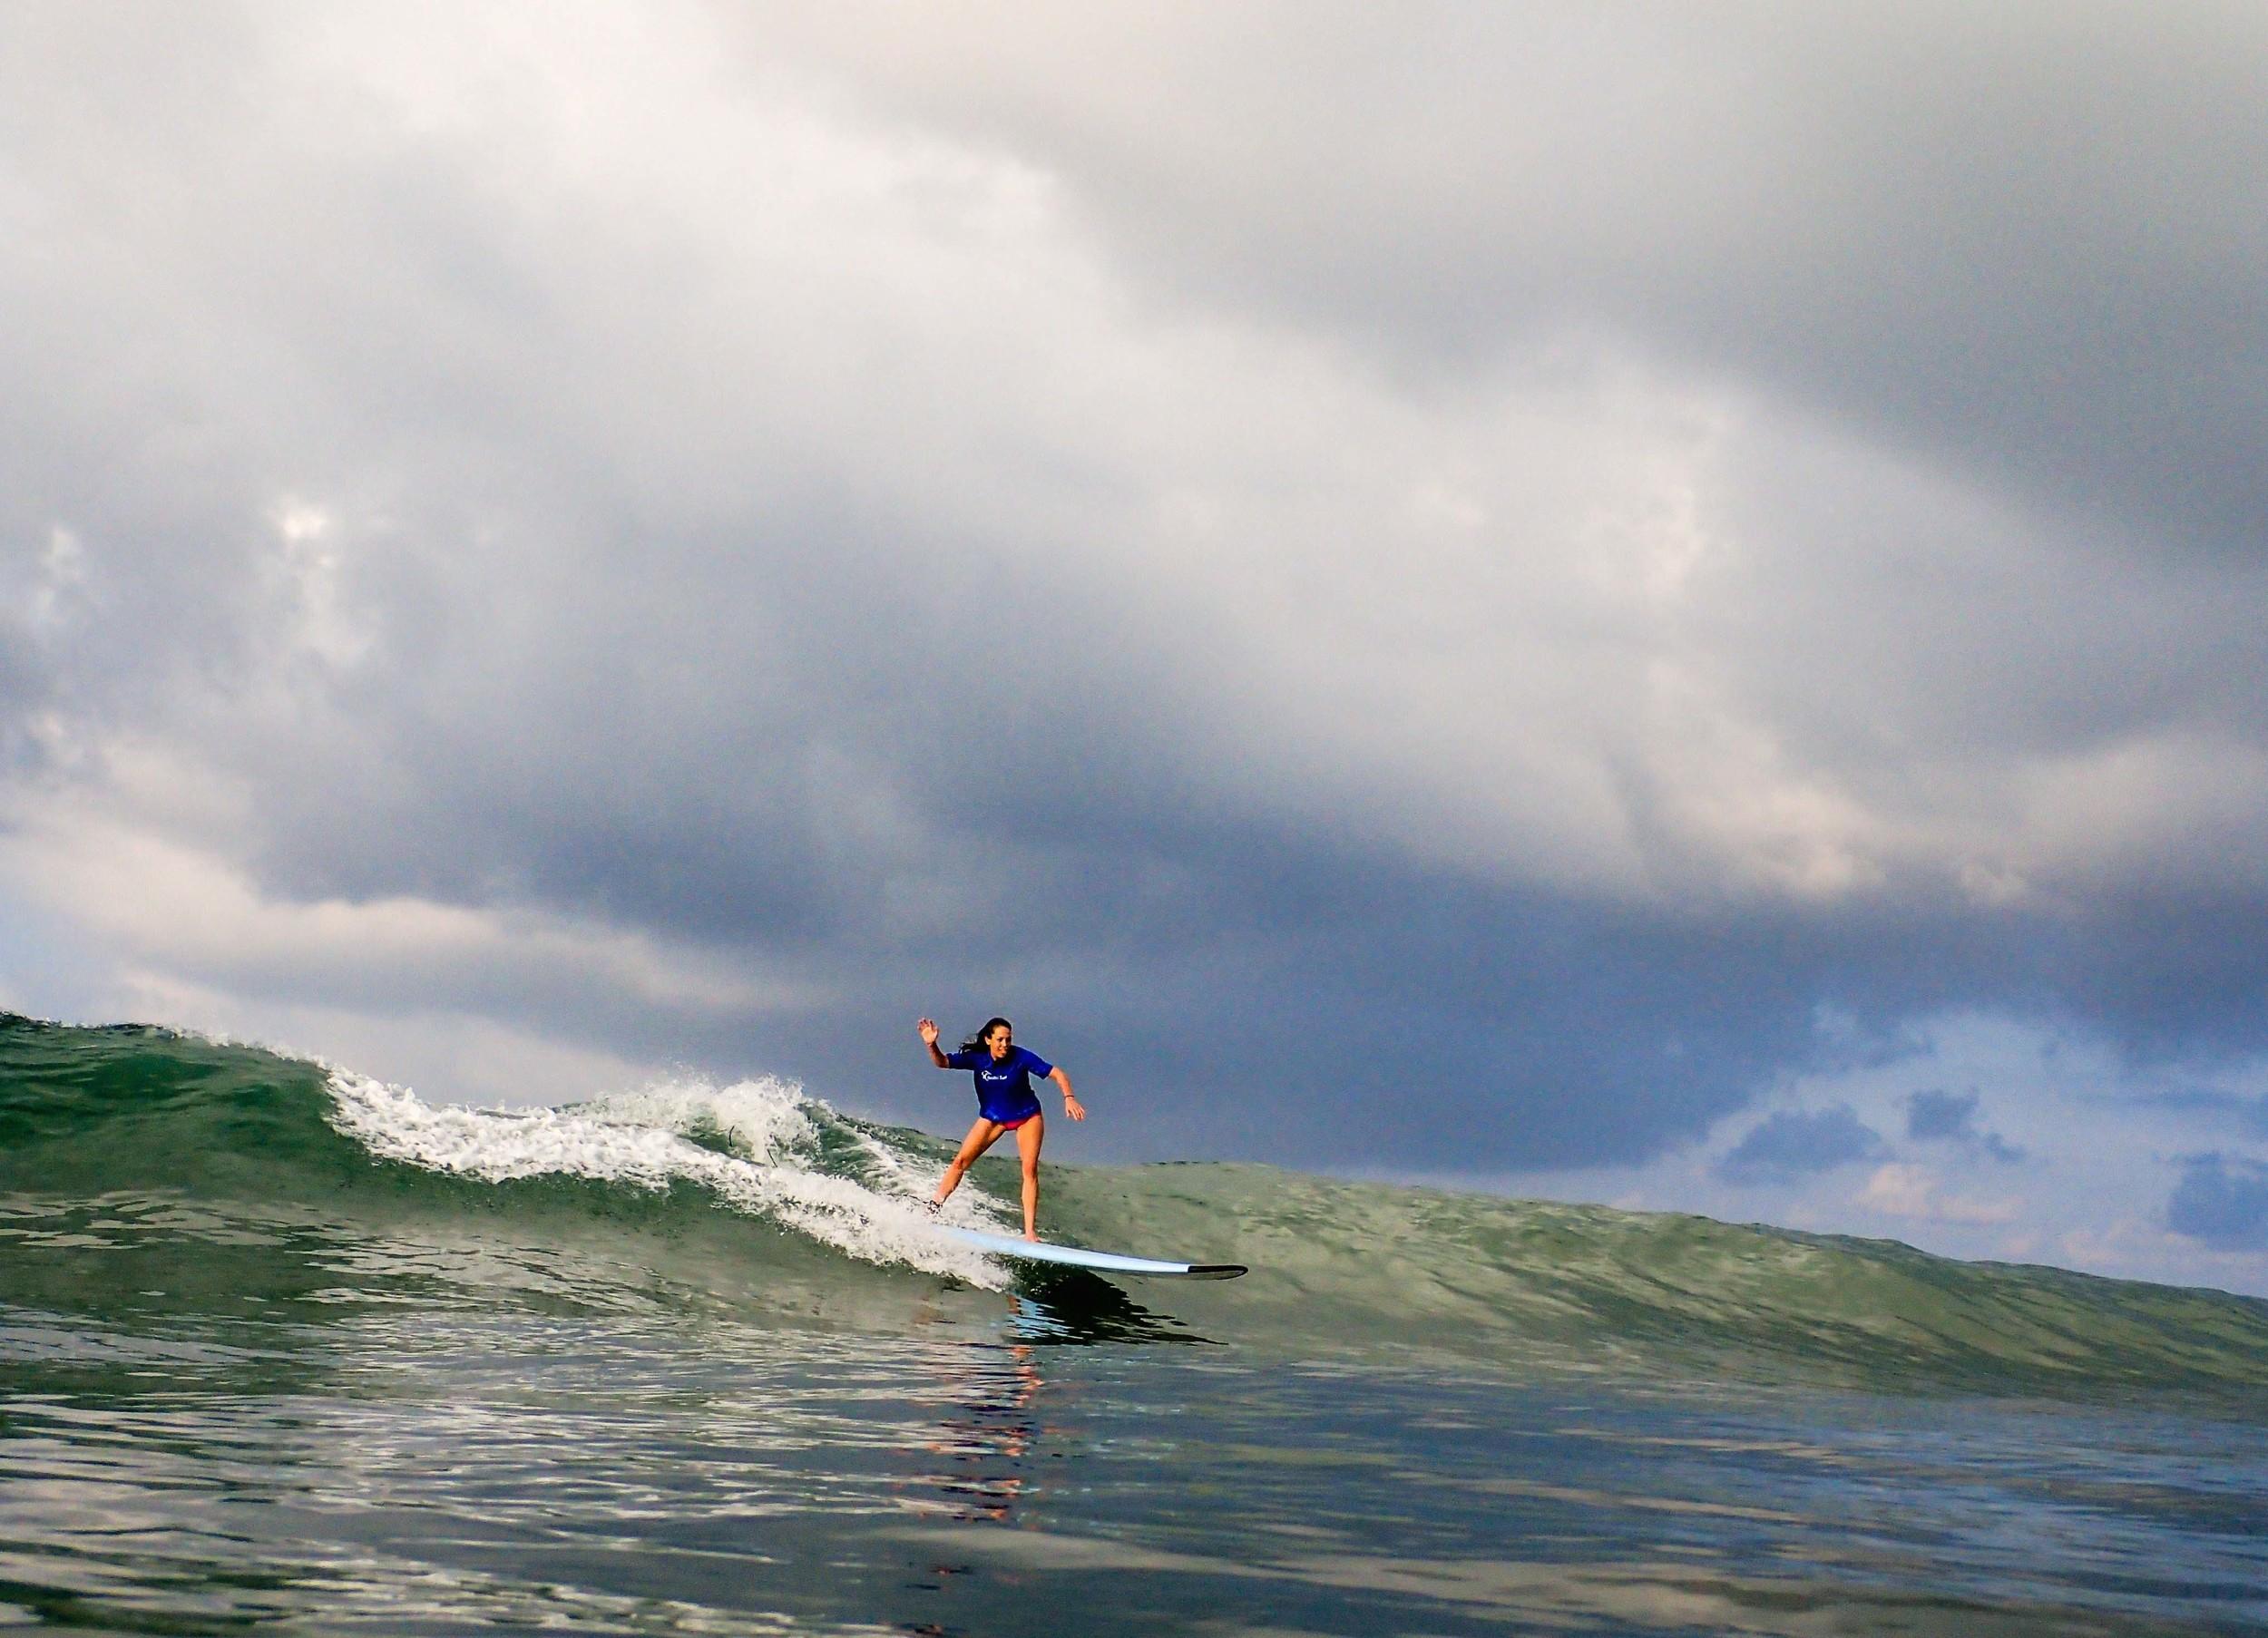 Awaken your inner surfer